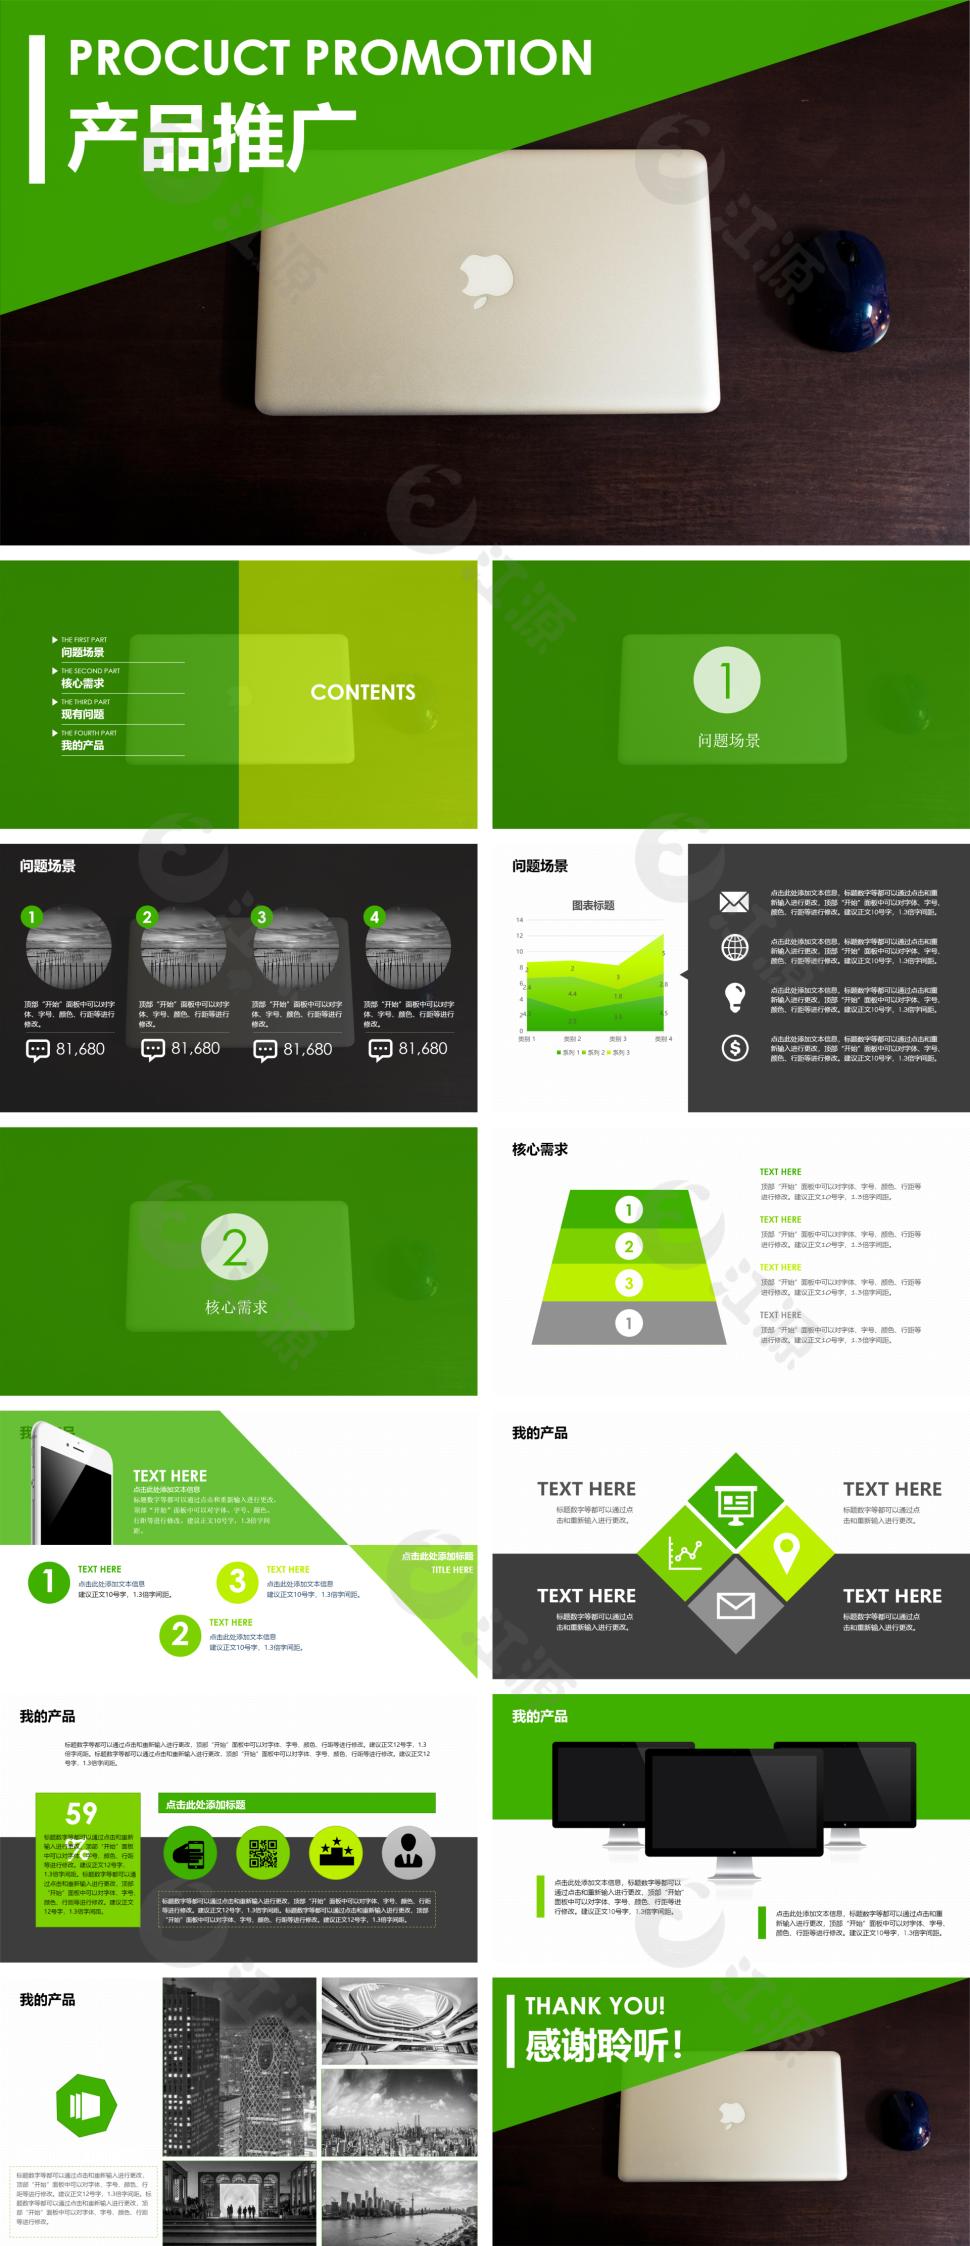 绿色扁平化产品推广ppt模板